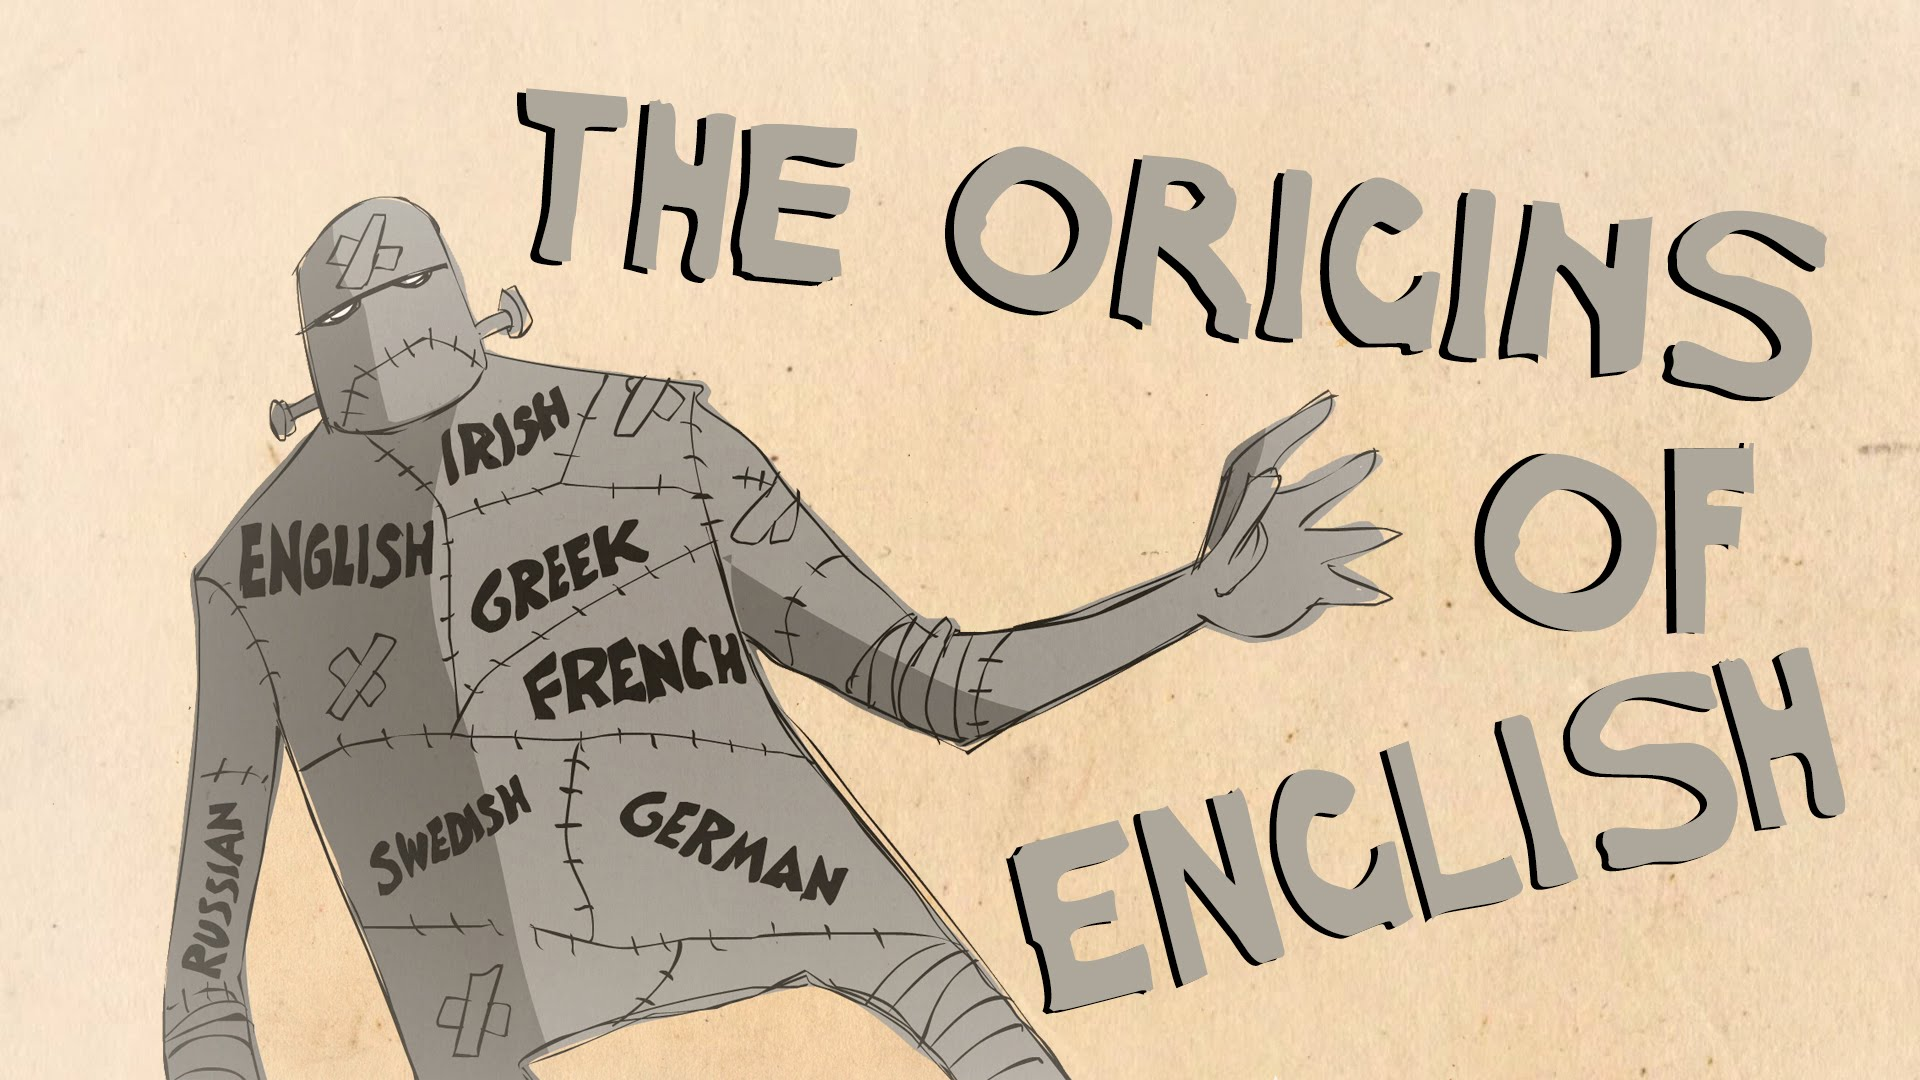 An Animated History Explaining How The English Language